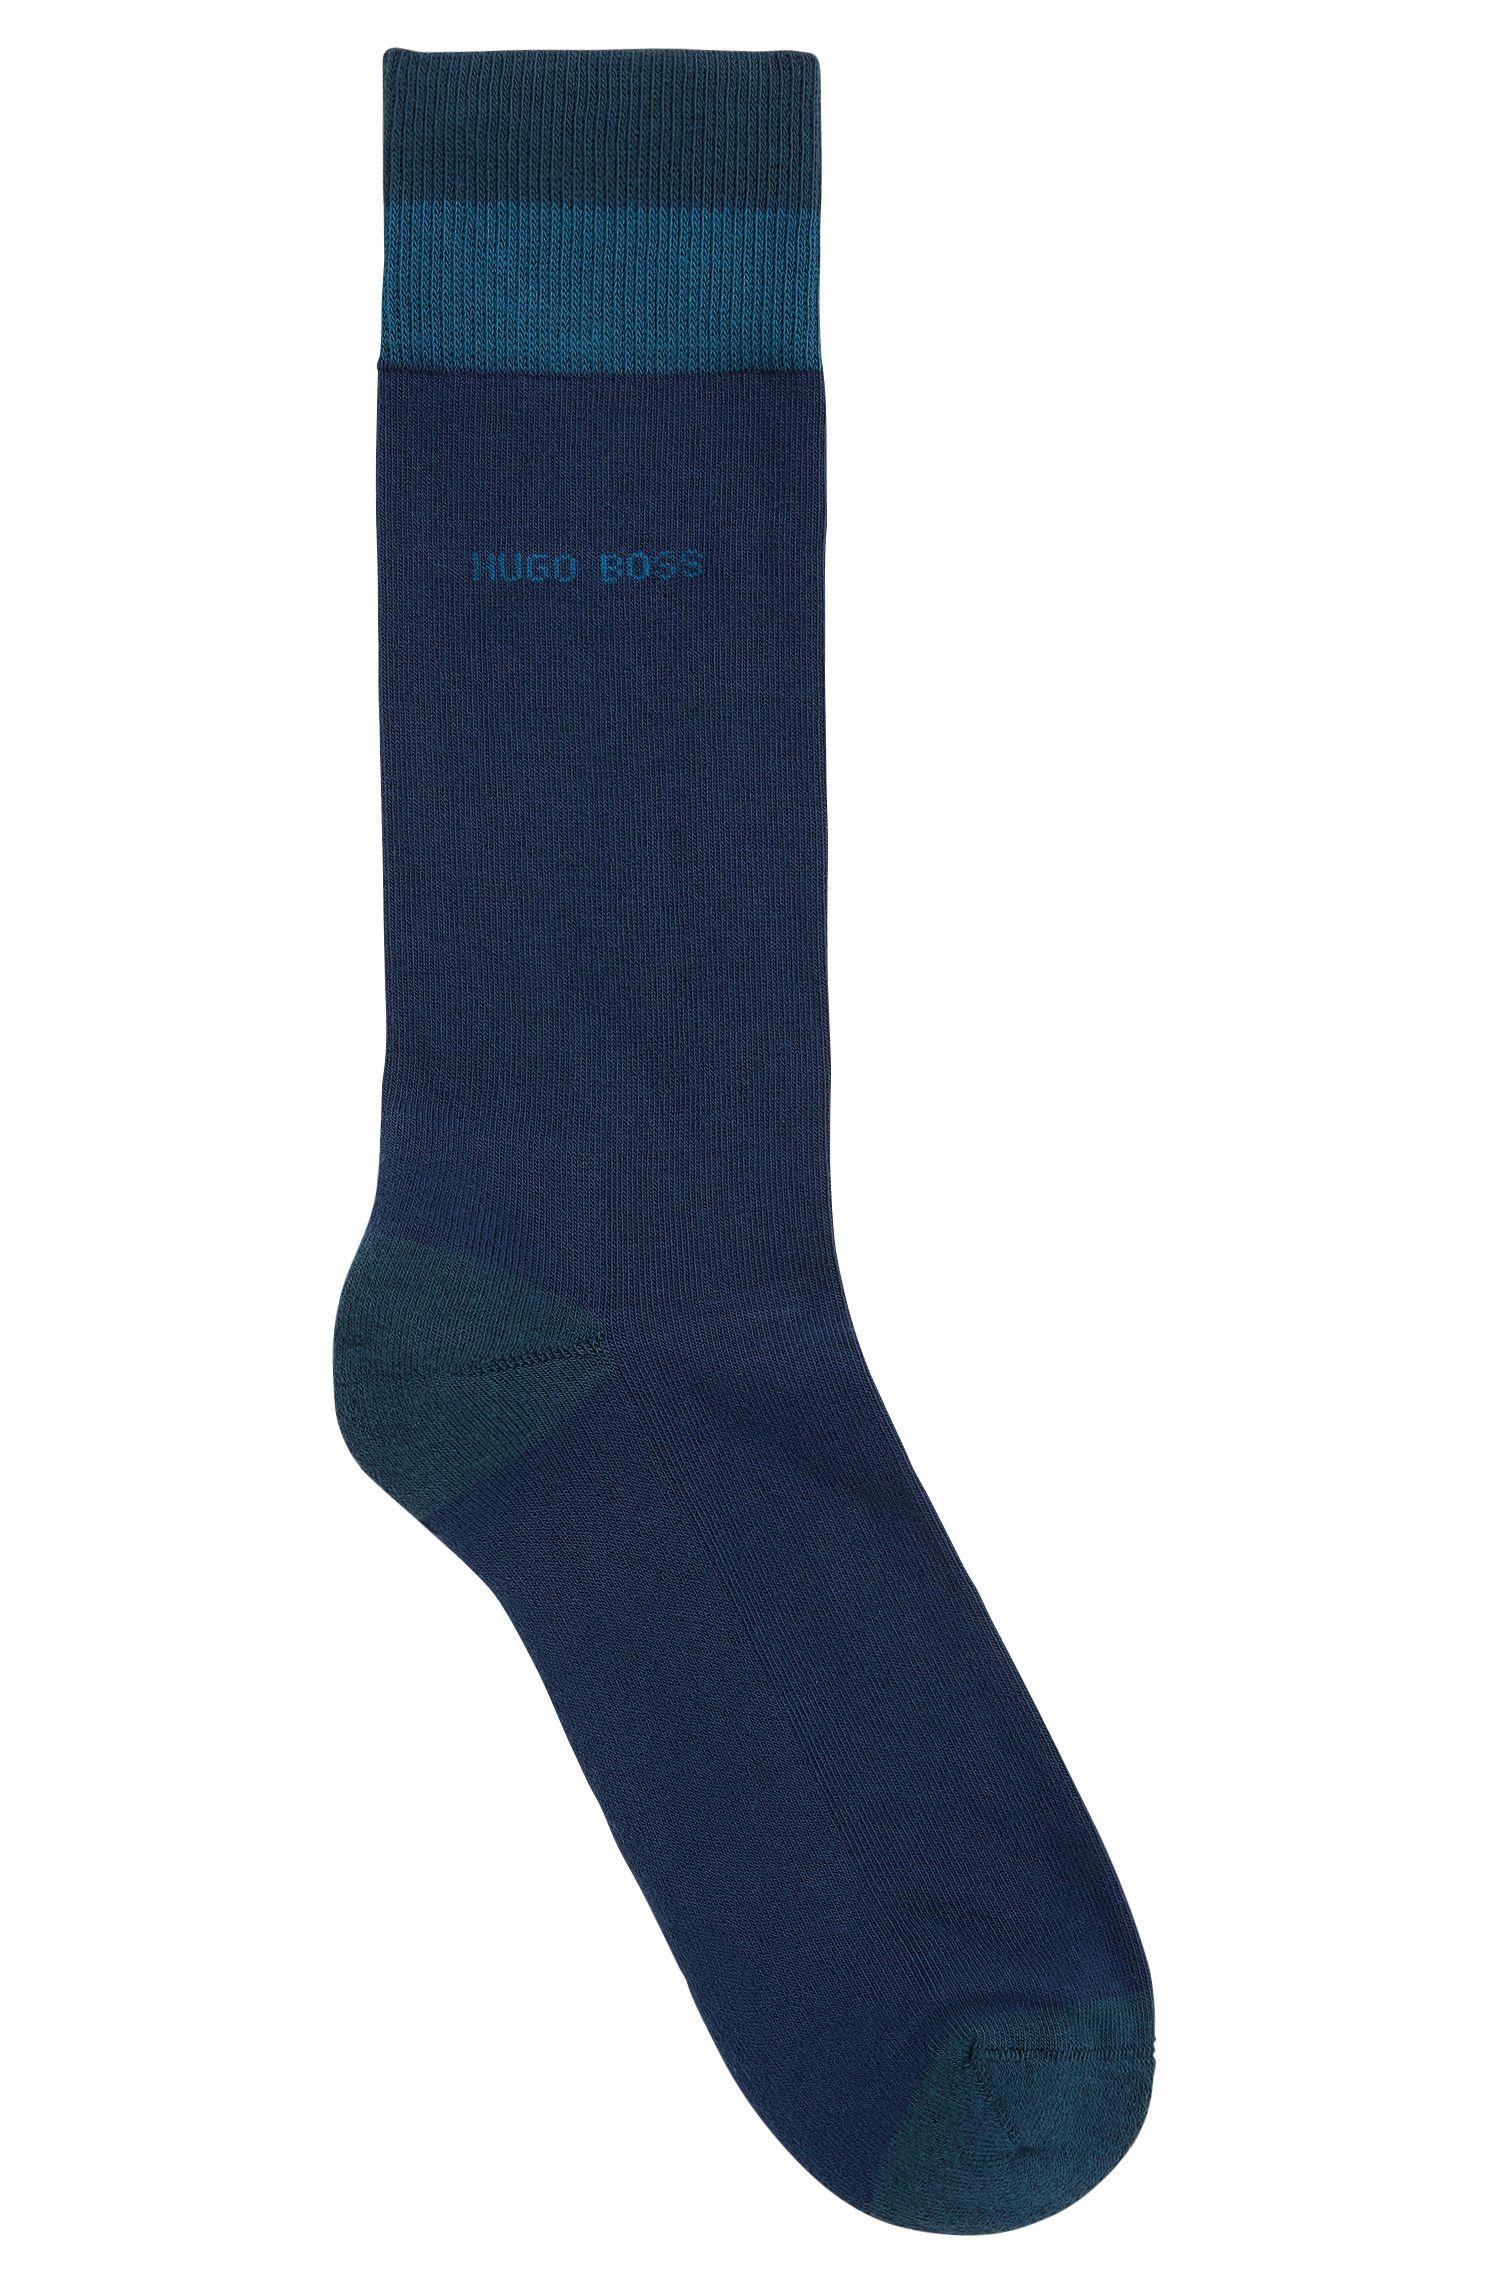 Sokken van een katoenmix met normale lengte